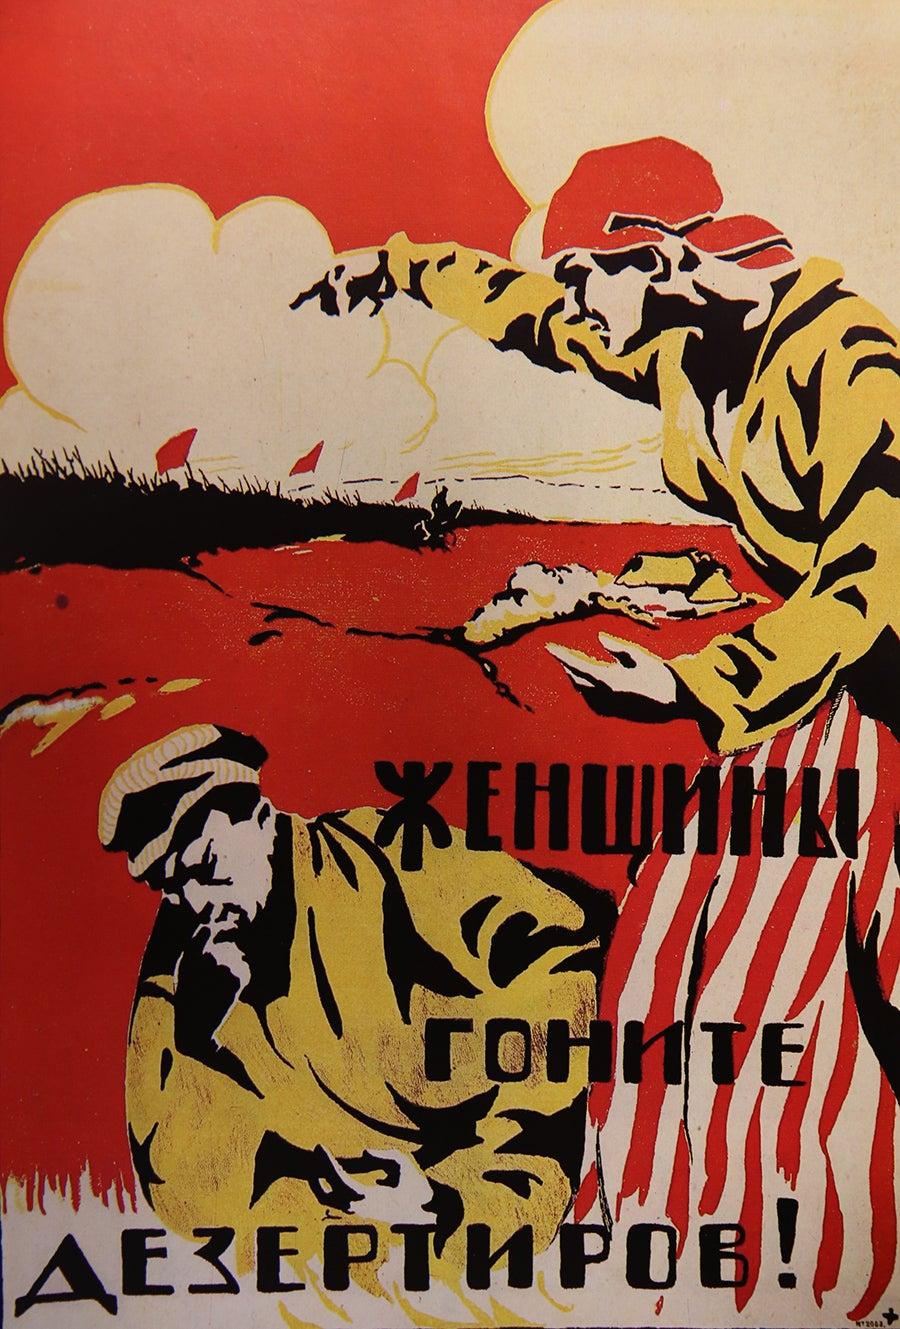 """""""Mulheres, expulsem os desertores!"""". Artista desconhecido, 1920"""